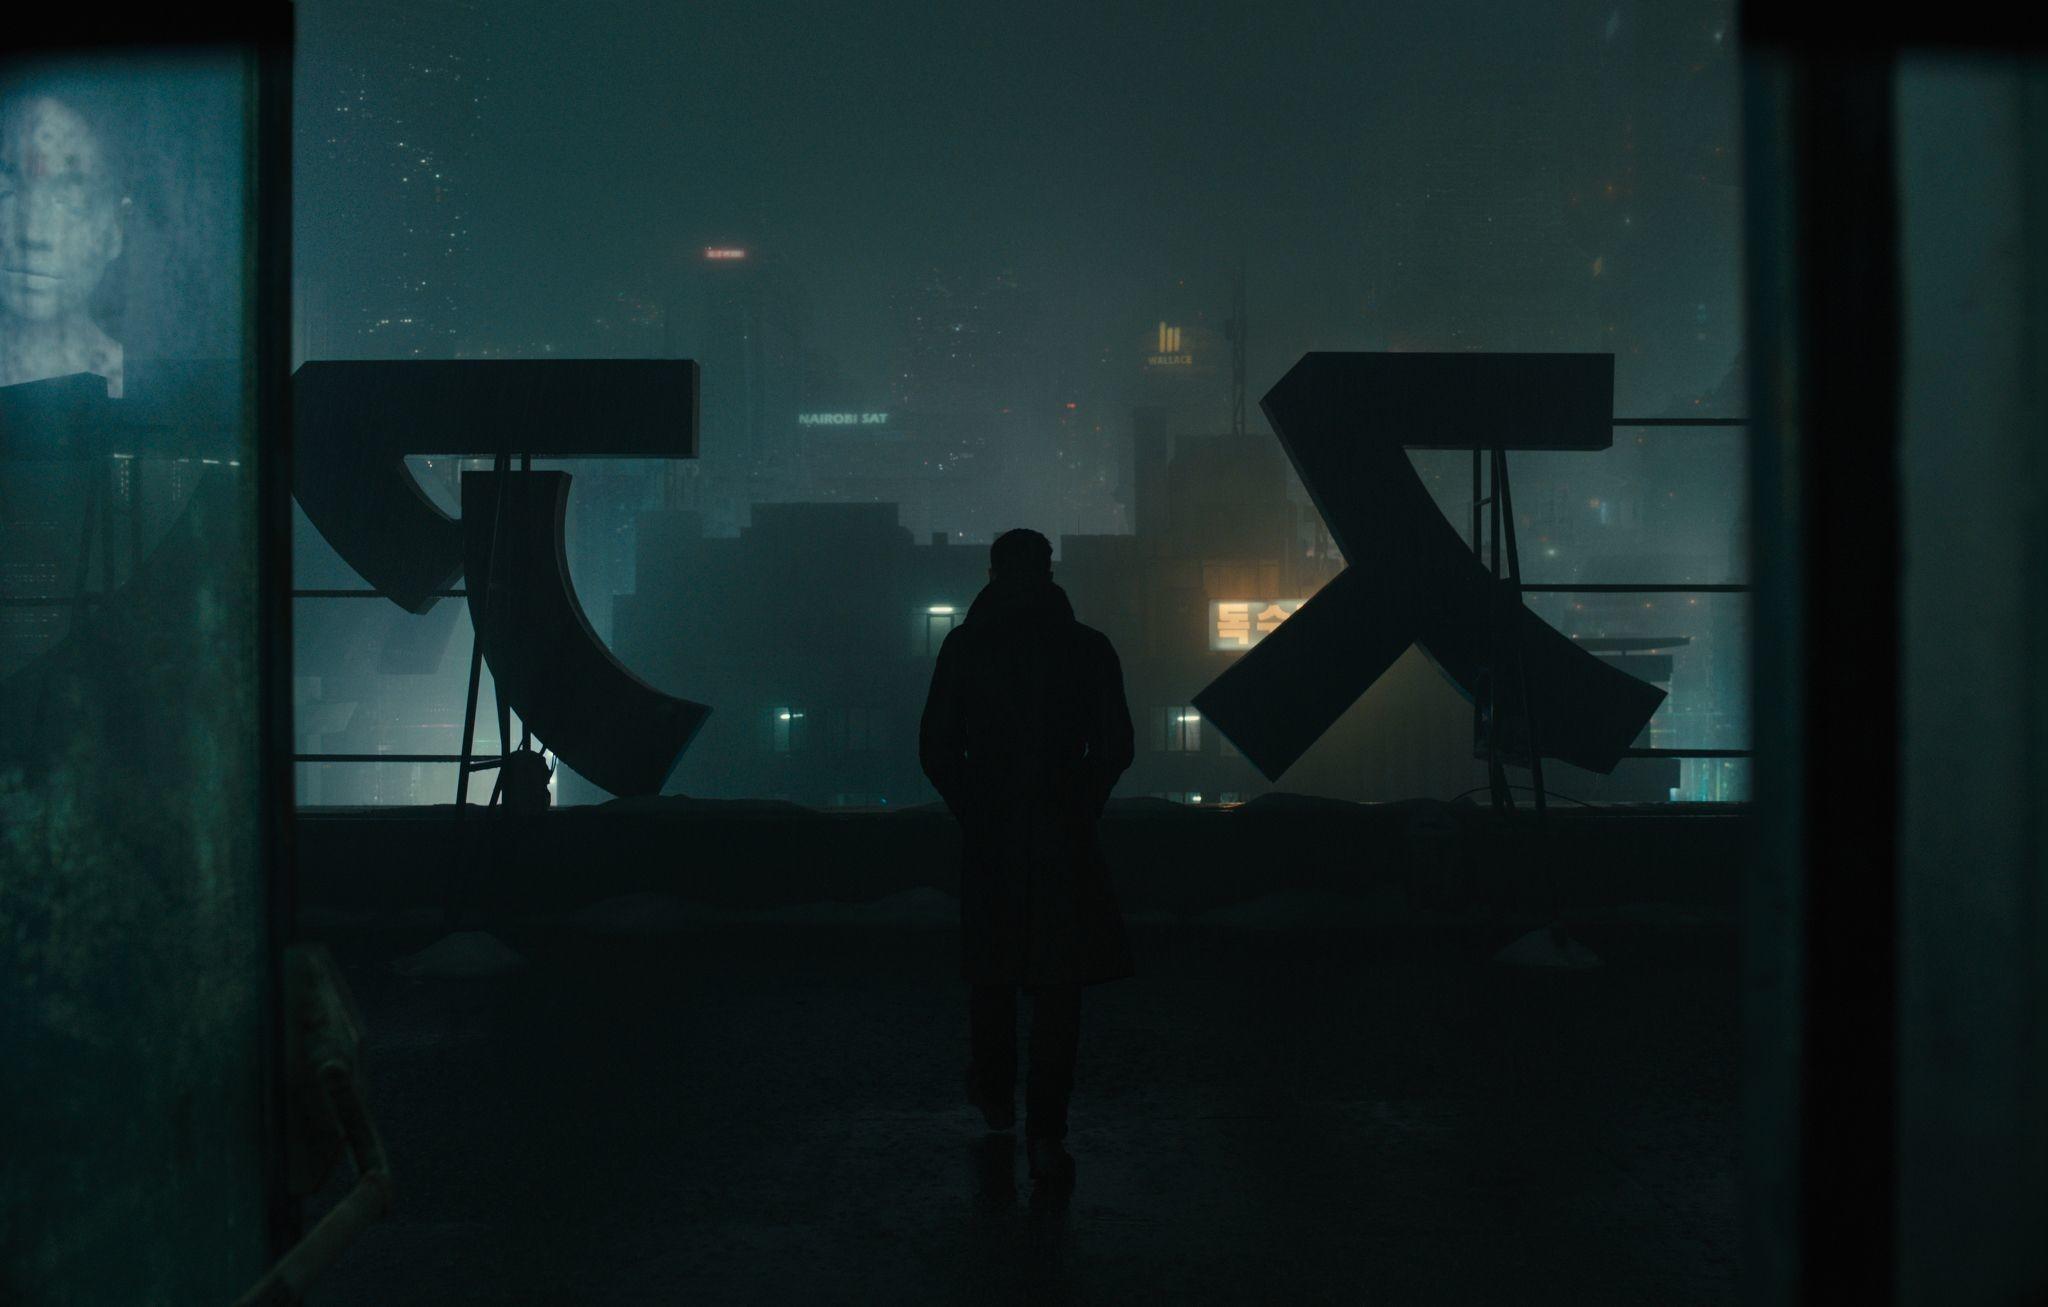 Res: 2048x1307, Blade Runner 2049 - Wallpaper 2 [2049x1307]